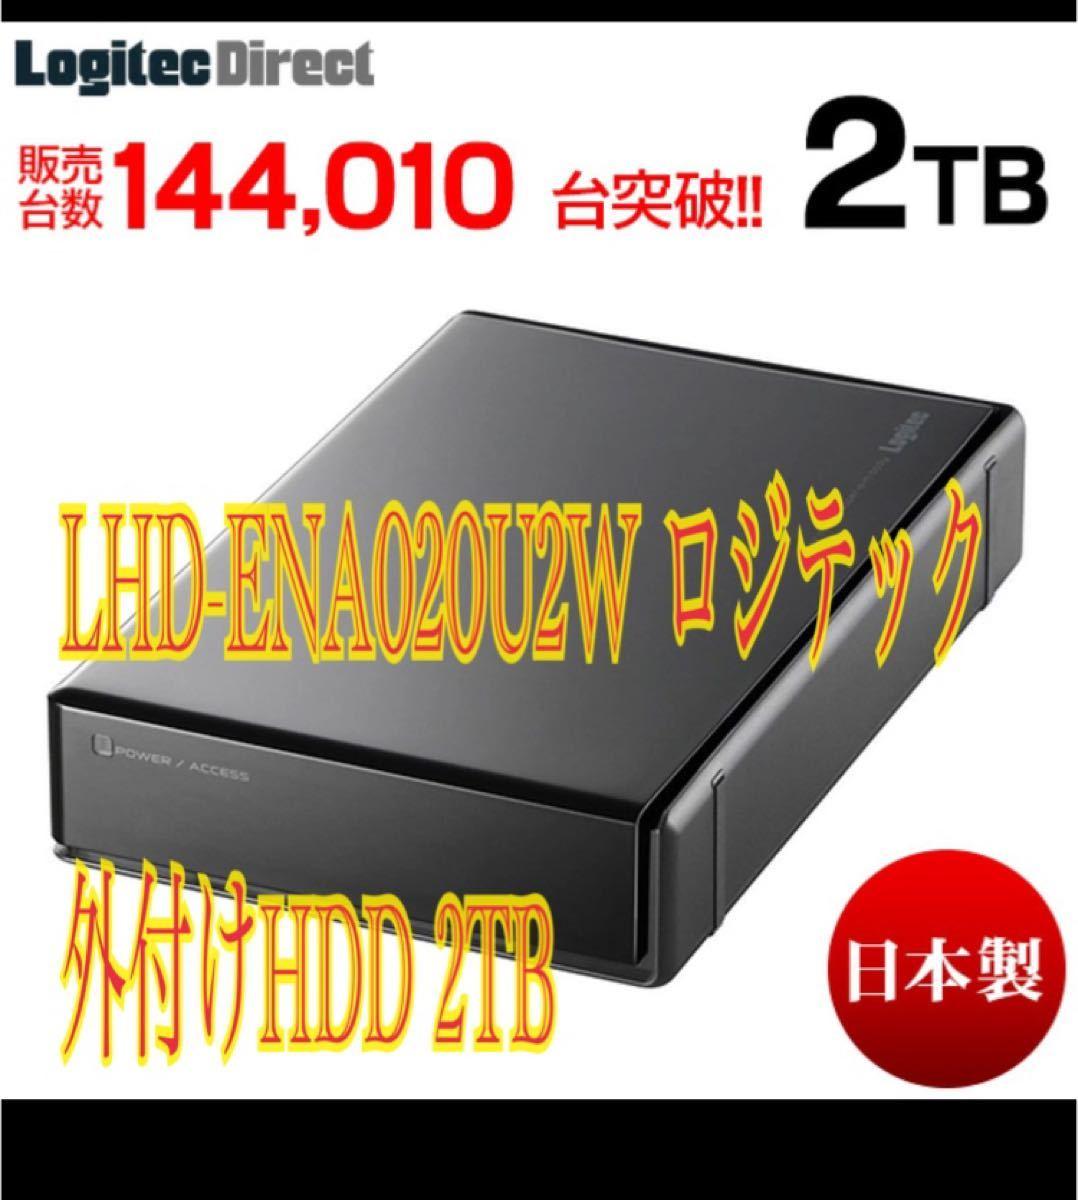 ロジテック 外付けHDD 2TB 外付け ハードディスク 国産 テレビ録画 省エネ静音 ハードディスク TV